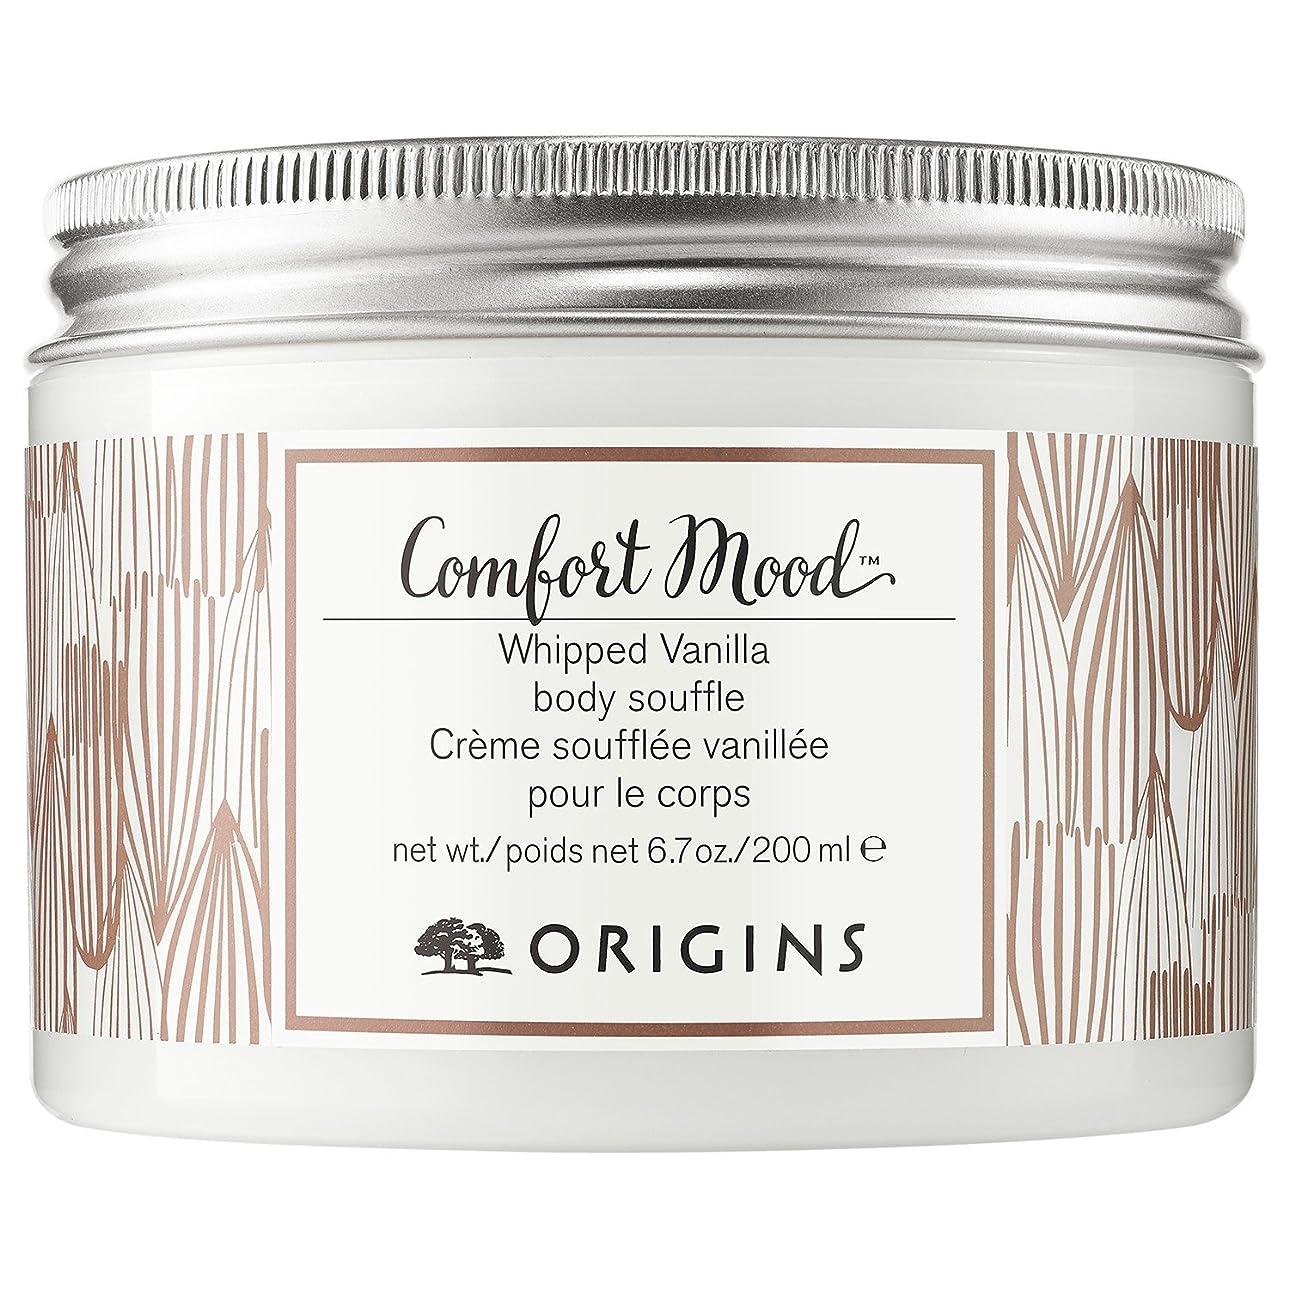 世辞モック崇拝します起源の快適な気分ホイップバニラボディスフレ200ミリリットル (Origins) - Origins Comfort Mood Whipped Vanilla Body Souffle 200ml [並行輸入品]